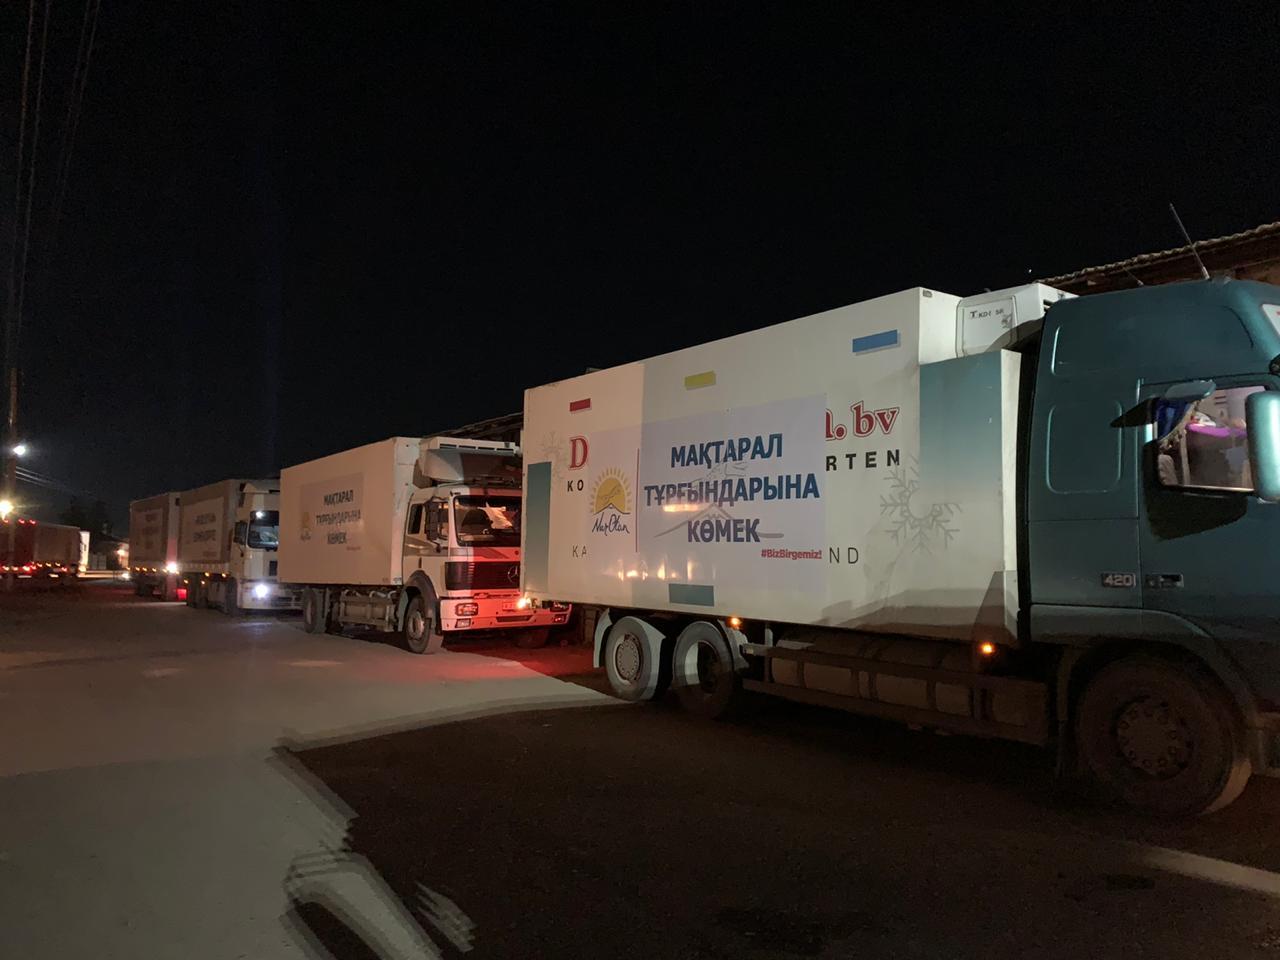 Бауыржан Байбек: Мақтааралға 400 тоннадан астам гуманитарлық көмек жіберілді